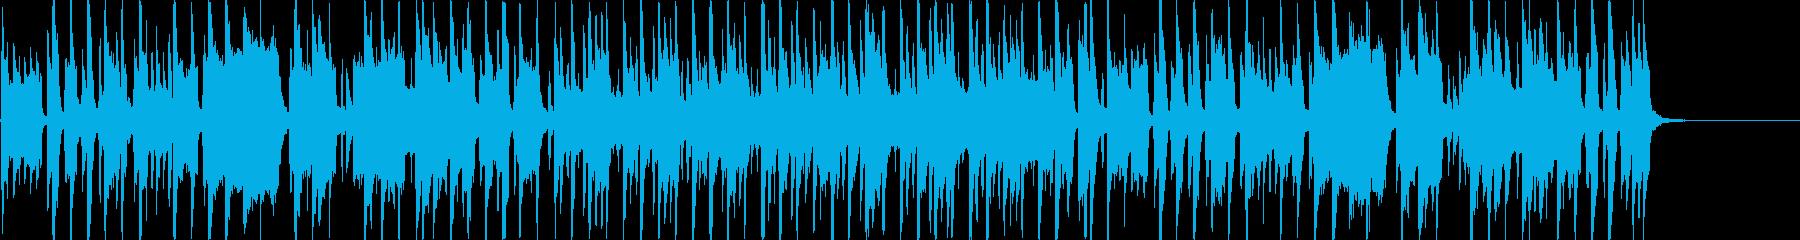 明るく元気の良いアイリッシュケルトBGMの再生済みの波形